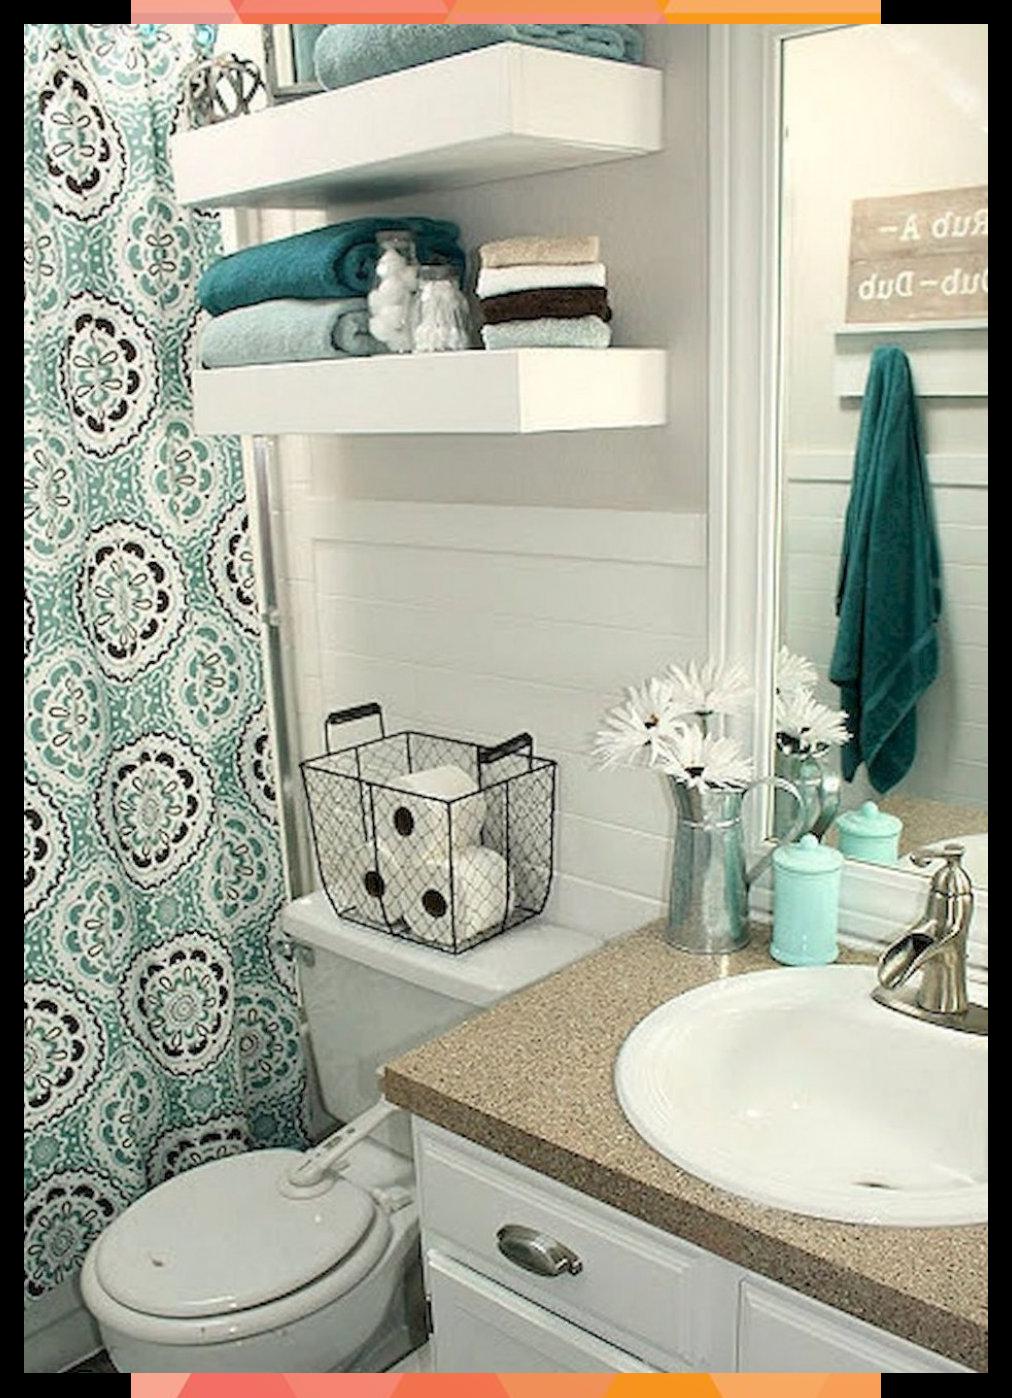 Kleine Badezimmer Deko Ideen Kleine Badezimmer Deko Ideen Beim Kauf Fur W Bade In 2020 Bathroom Decor Apartment Small Bathroom Ideas On A Budget Bathroom Decor